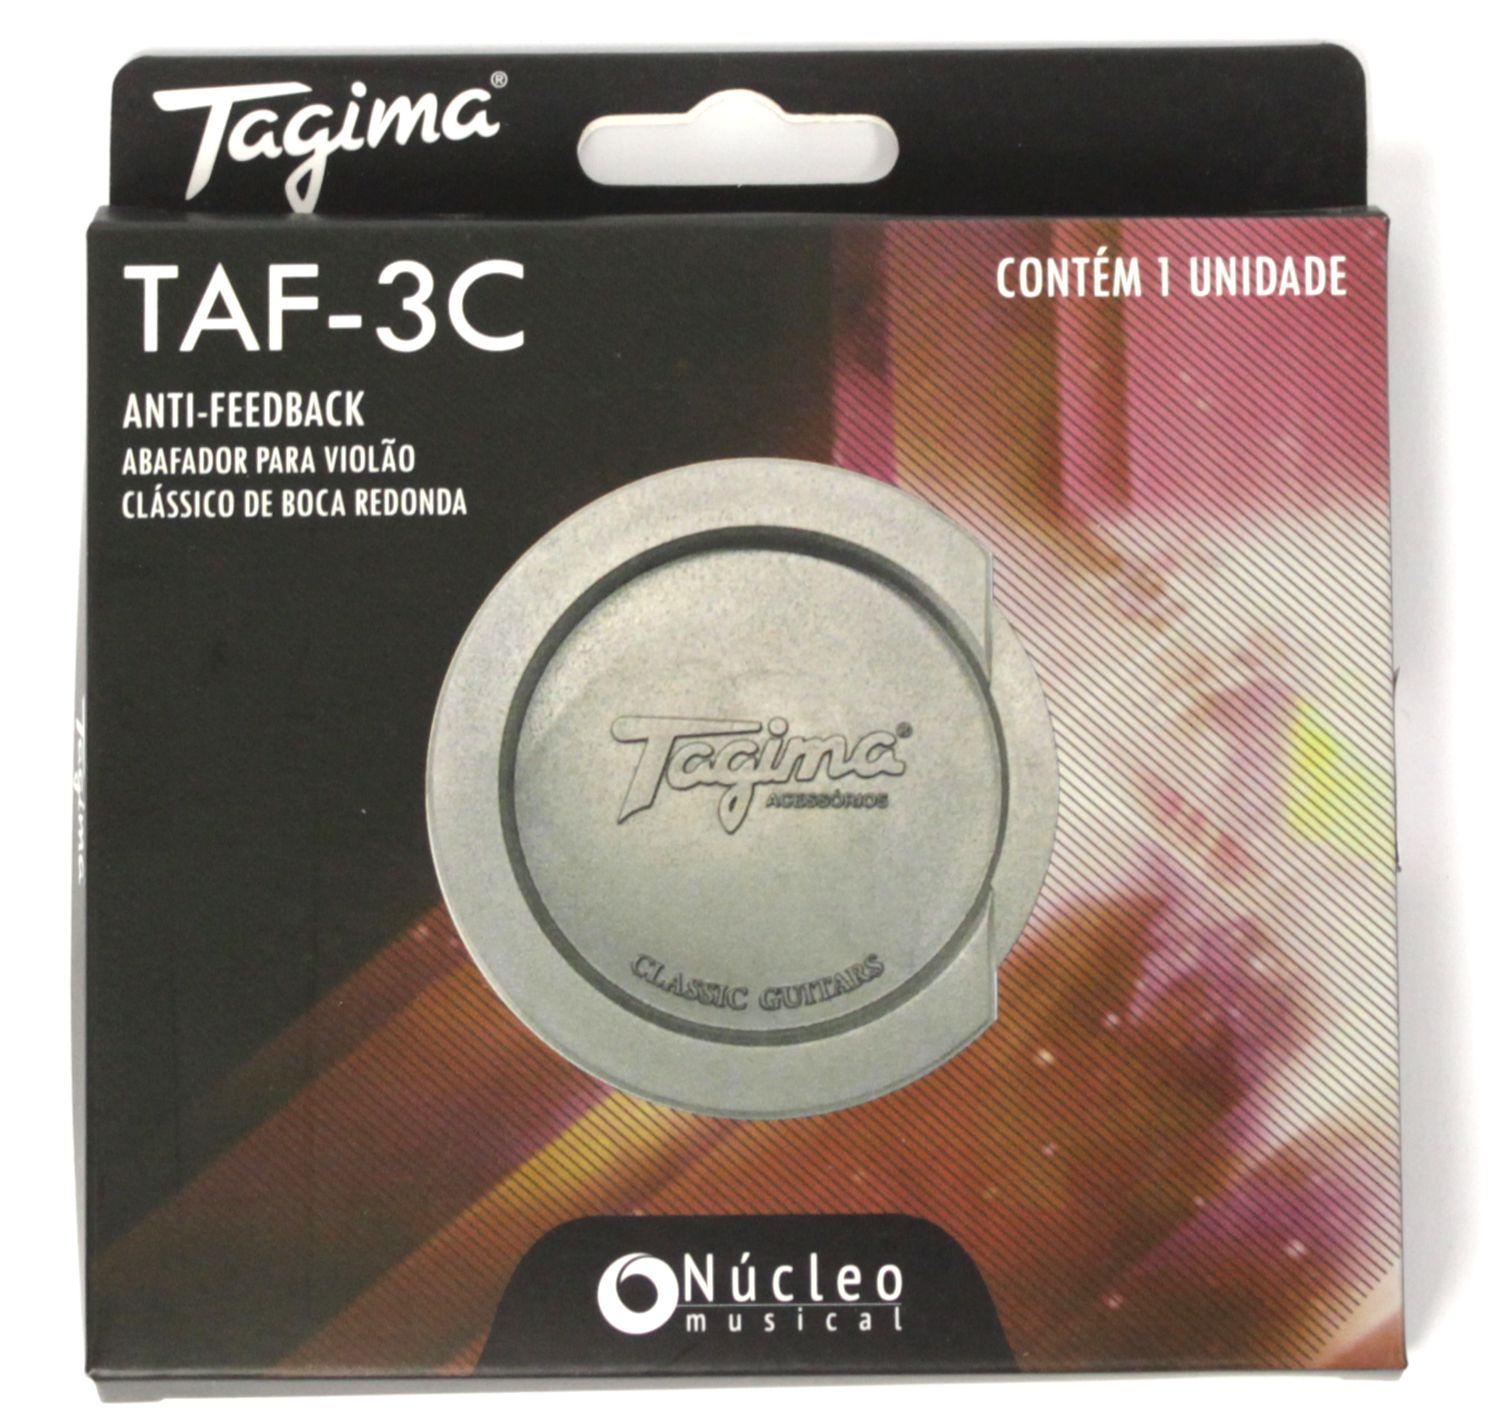 No Feedback Tagima em Borracha TAF-3C ANTI-FEEDBACK para Violão clássico